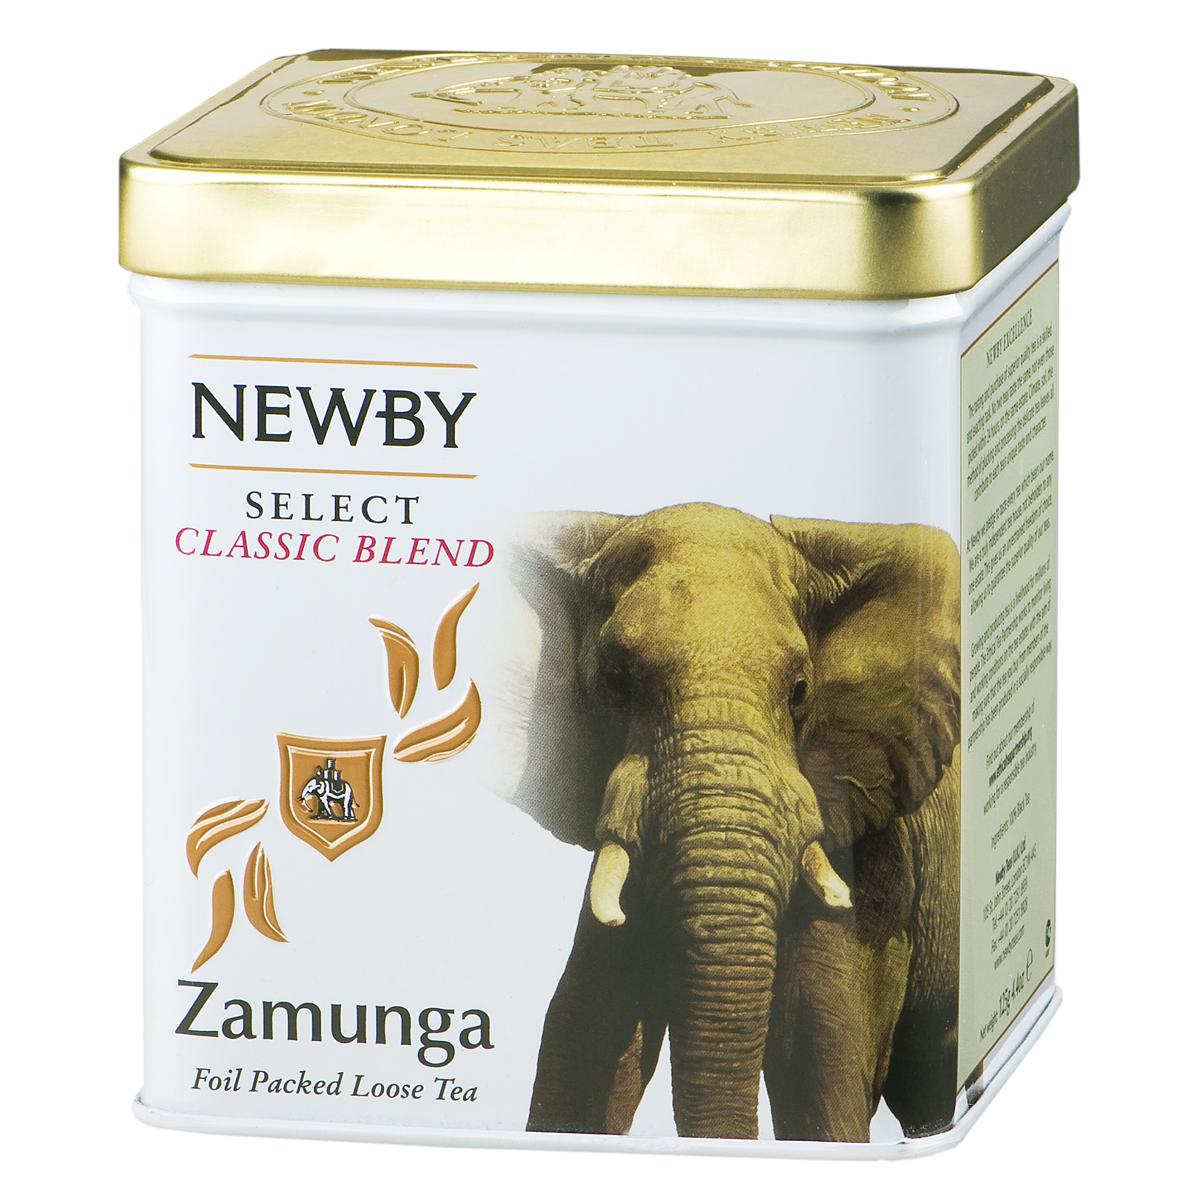 Newby Zamunga черный листовой чай, 125 гTALTHA-BP0013Newby Zamunga - особый купаж крупнолистового чая с золотистыми и серебряными типсами. Ароматная и яркая чашка со сладким мускатным послевкусием и некоторой терпкостью.